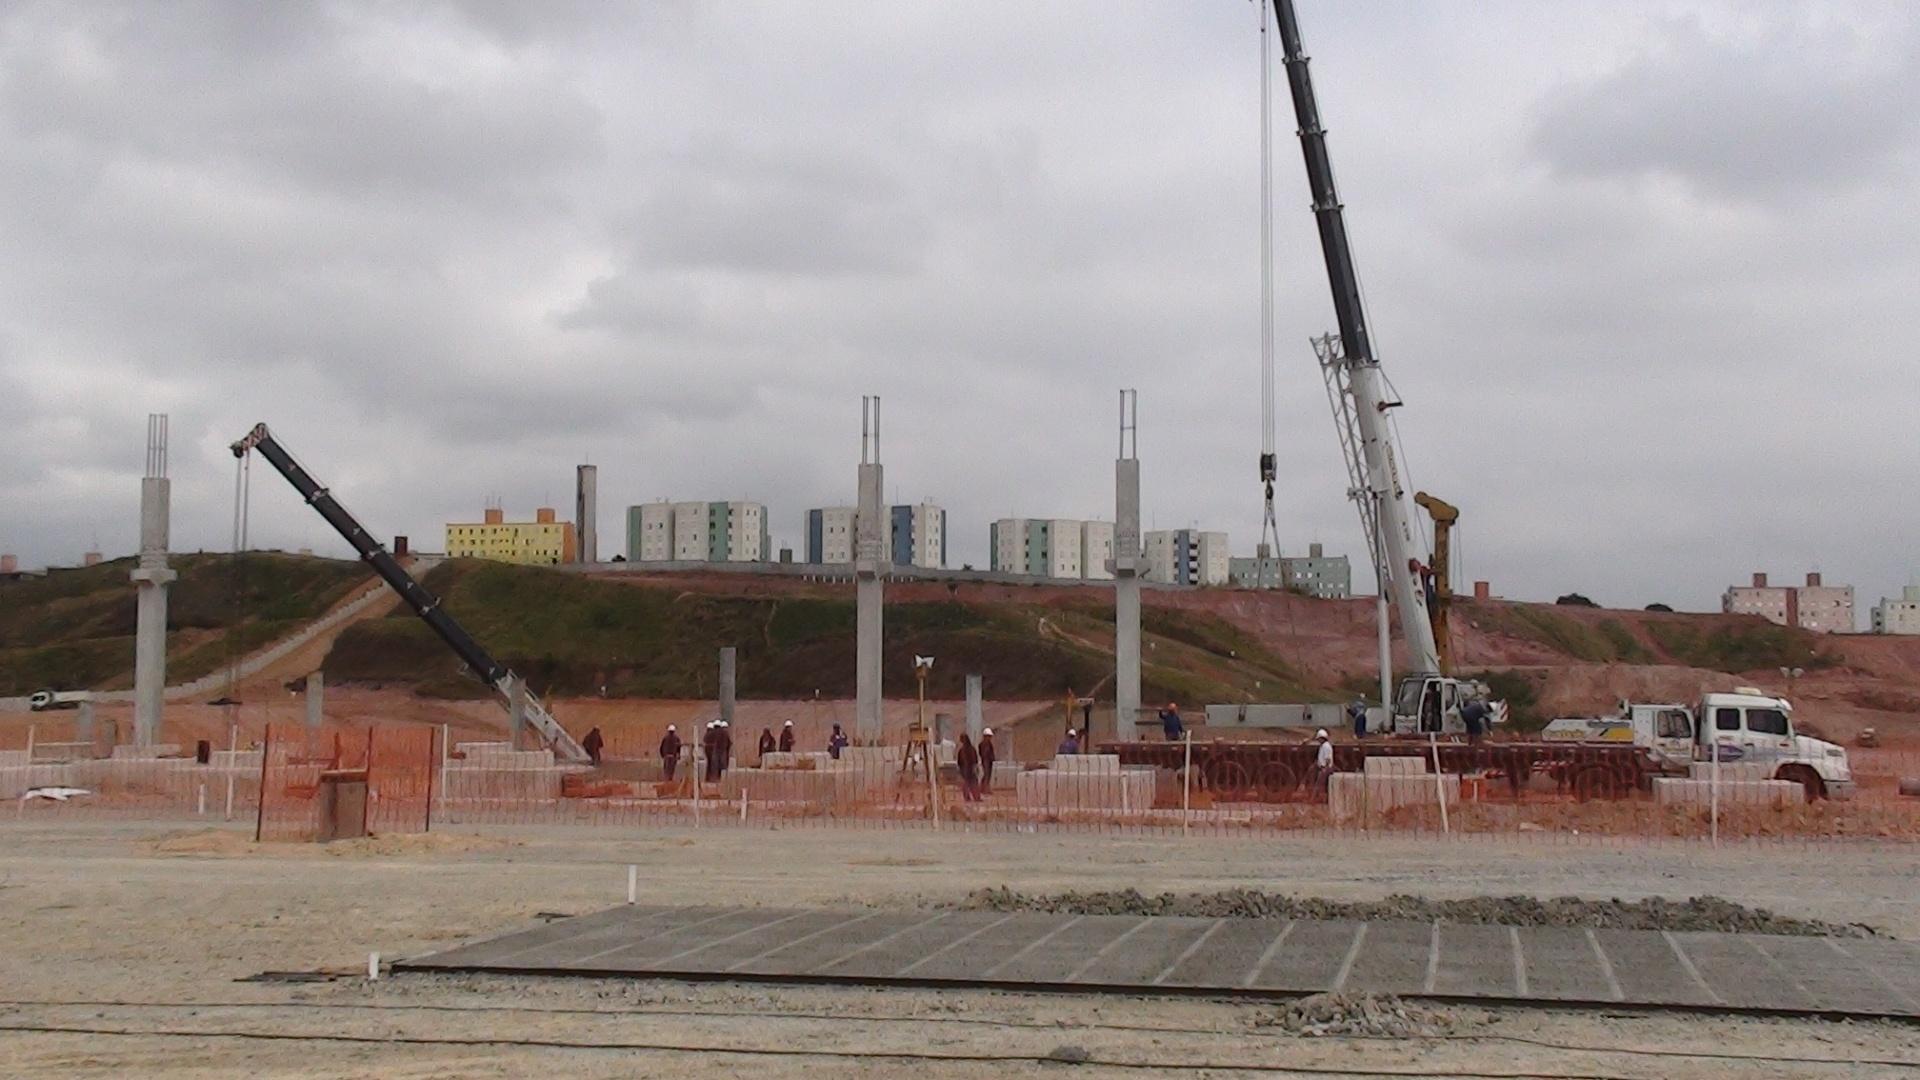 Terreno onde será o estádio do Corinthians já tem 12% das obras terminadas